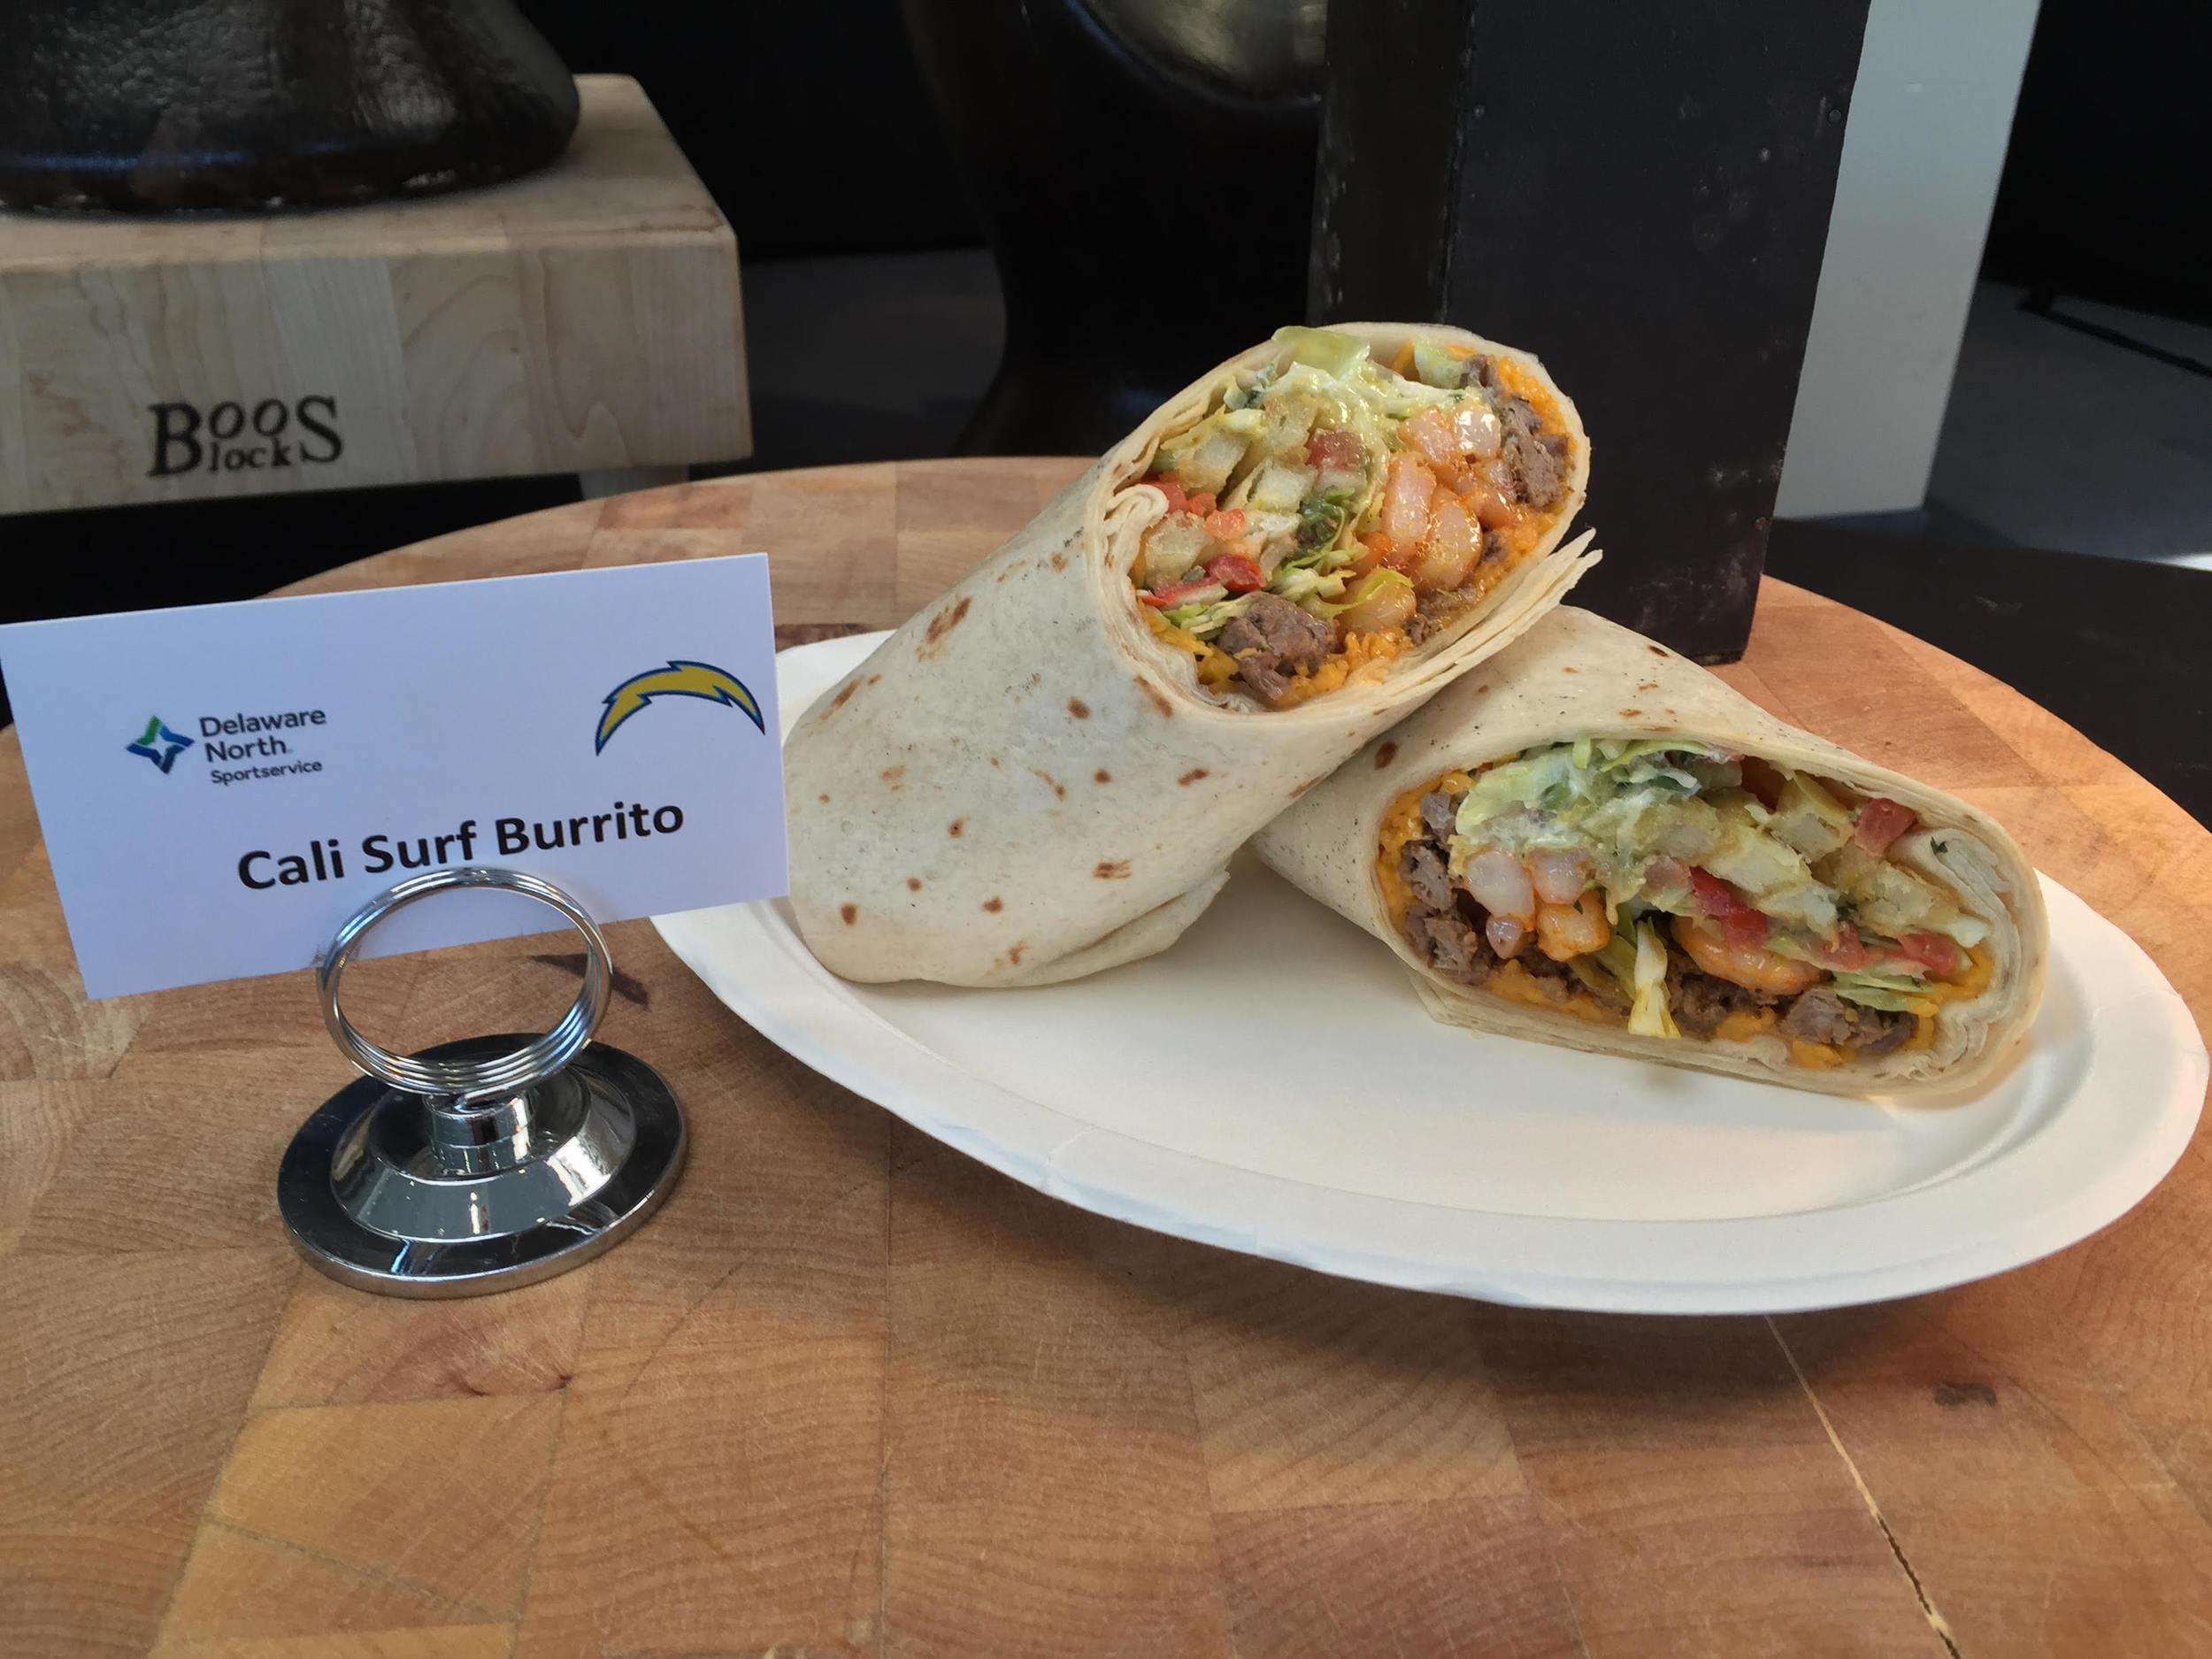 Cali Surf Burrito   – shrimp, beef, potato fries, cabbage, pico de gallo, guacamole, salsa, sour cream and cheese